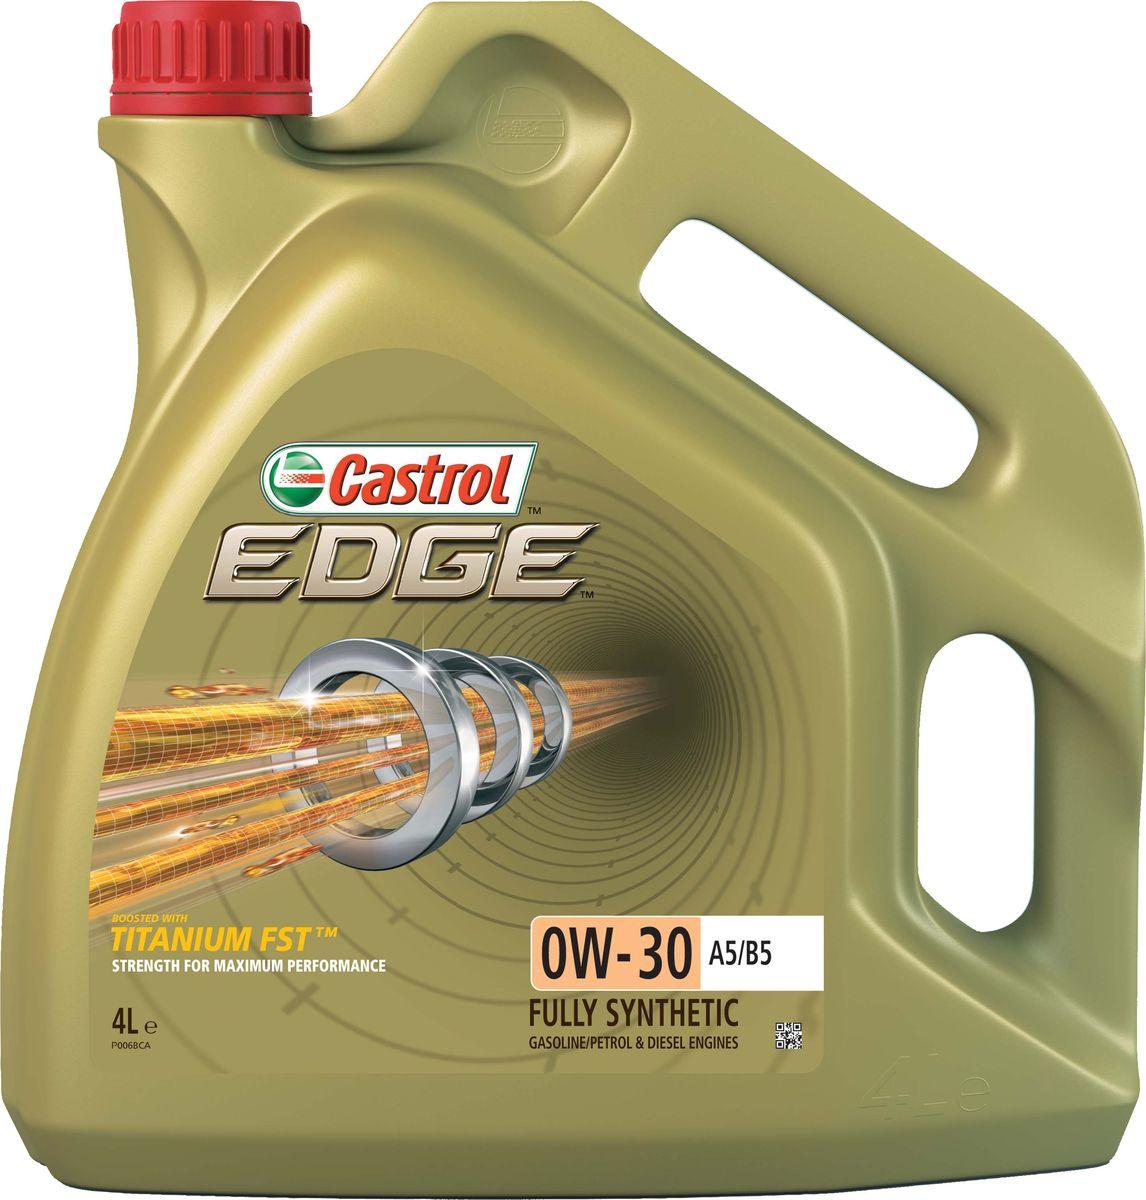 Масло моторное Castrol Edge, синтетическое, класс вязкости 0W-30, А5/В5, 4 л. 156E3F156E3FПолностью синтетическое моторное масло Castrol Edge произведено с использованием новейшей технологии TITANIUM FST™, придающей масляной пленке дополнительную силу и прочность благодаря соединениям титана.TITANIUM FST™ радикально меняет поведение масла в условиях экстремальных нагрузок, формируя дополнительный ударопоглащающий слой. Испытания подтвердили, что TITANIUM FST™ в 2 раза увеличивает прочность пленки, предотвращая ее разрыв и снижая трение для максимальной производительности двигателя.С Castrol Edge ваш автомобиль готов к любым испытаниям независимо от дорожных условий.Castrol Edge предназначено для бензиновых и дизельных двигателей автомобилей, где производитель рекомендует моторные масла спецификаций ACEA A1/B1, A5/B5, ILSAC GF-2 класса вязкости SAE 0W-30.Castrol Edge обеспечивает надежную и максимально эффективную работувысокотехнологичных двигателей, созданных по новейшим инженерным разработкам, требующих использования маловязких моторных масел и увеличенных интервалов замены.Castrol Edge:- поддерживает максимальную эффективность работы двигателя, как в краткосрочном периоде времени, так и на длительный срок службы;- подавляет образование отложений, способствуя повышению скорости реакции двигателя на нажатие педали акселератора;- обеспечивает надежную защиту всех деталей мотора в разных условиях движения, в широких диапазонах температур и скоростей;- обеспечивает и поддерживает максимальную мощность двигателя в течении длительного времени, даже в условиях интенсивной эксплуатации;- повышает КПД двигателя (независимо подтверждено);- отличные низкотемпературные свойства.Спецификации:ACEA A1/B1, A5/B5,API SL.Товар сертифицирован.